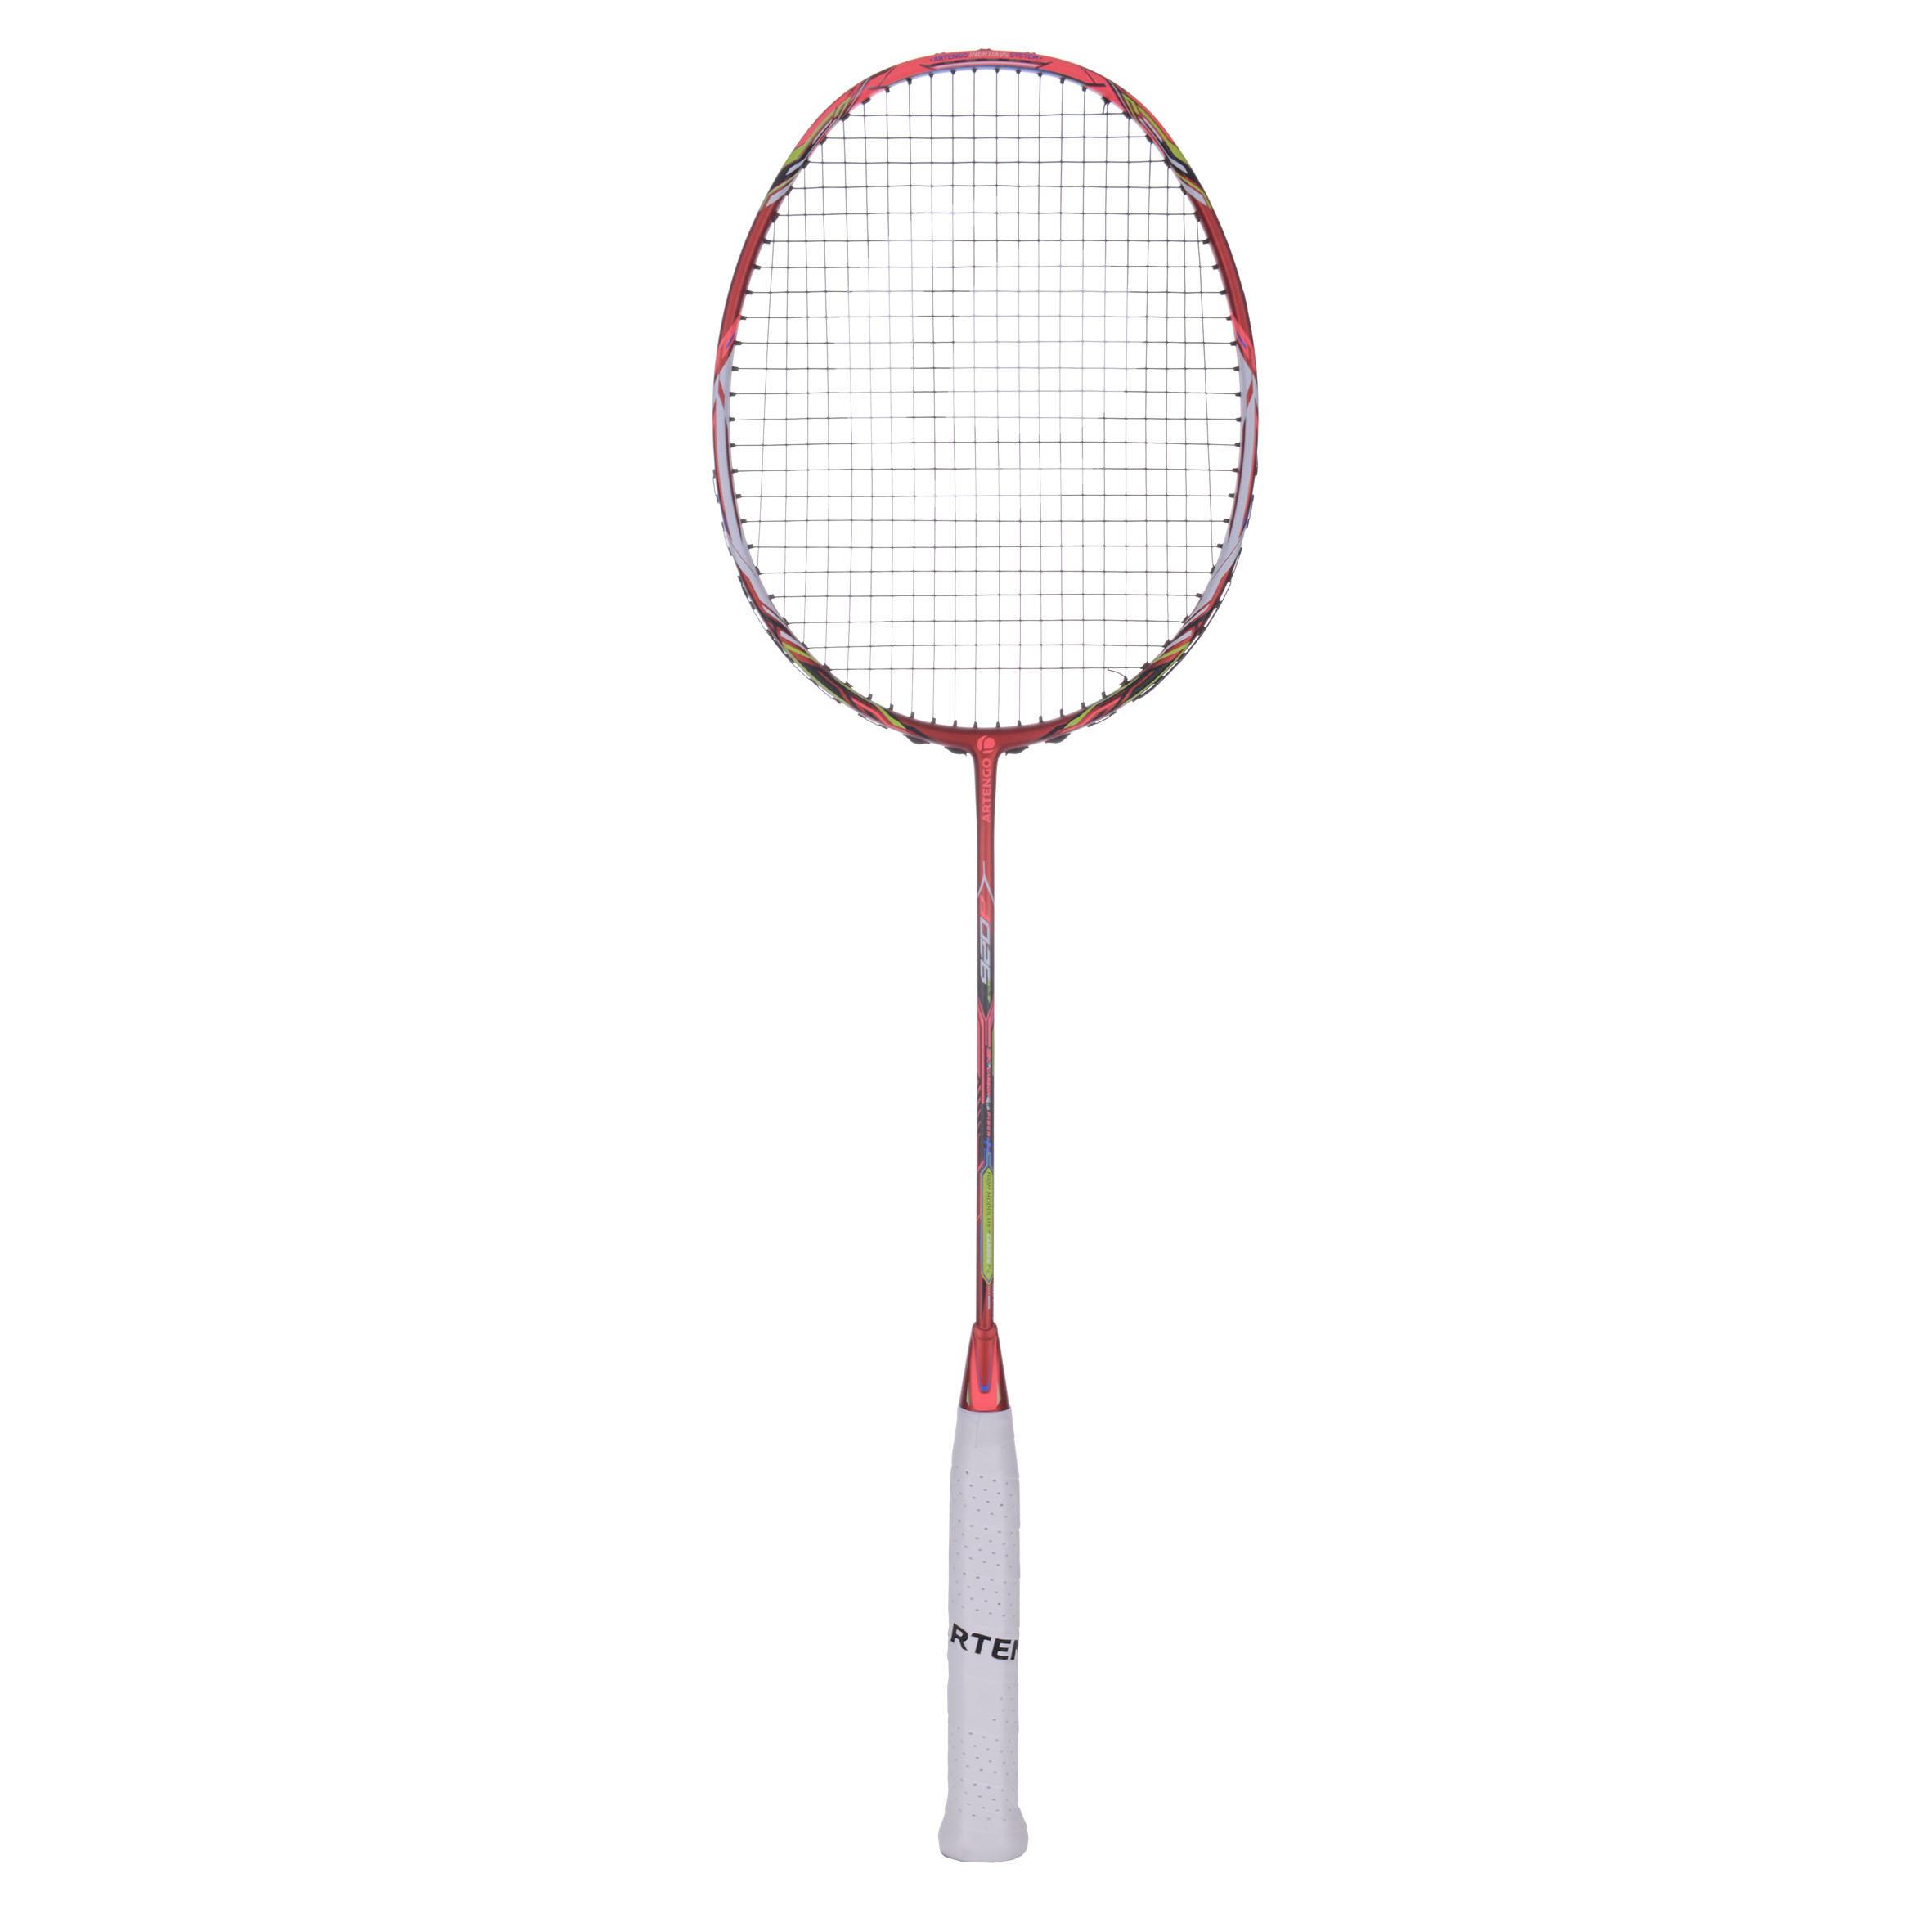 Artengo Badmintonracket BR 920 P flash rood